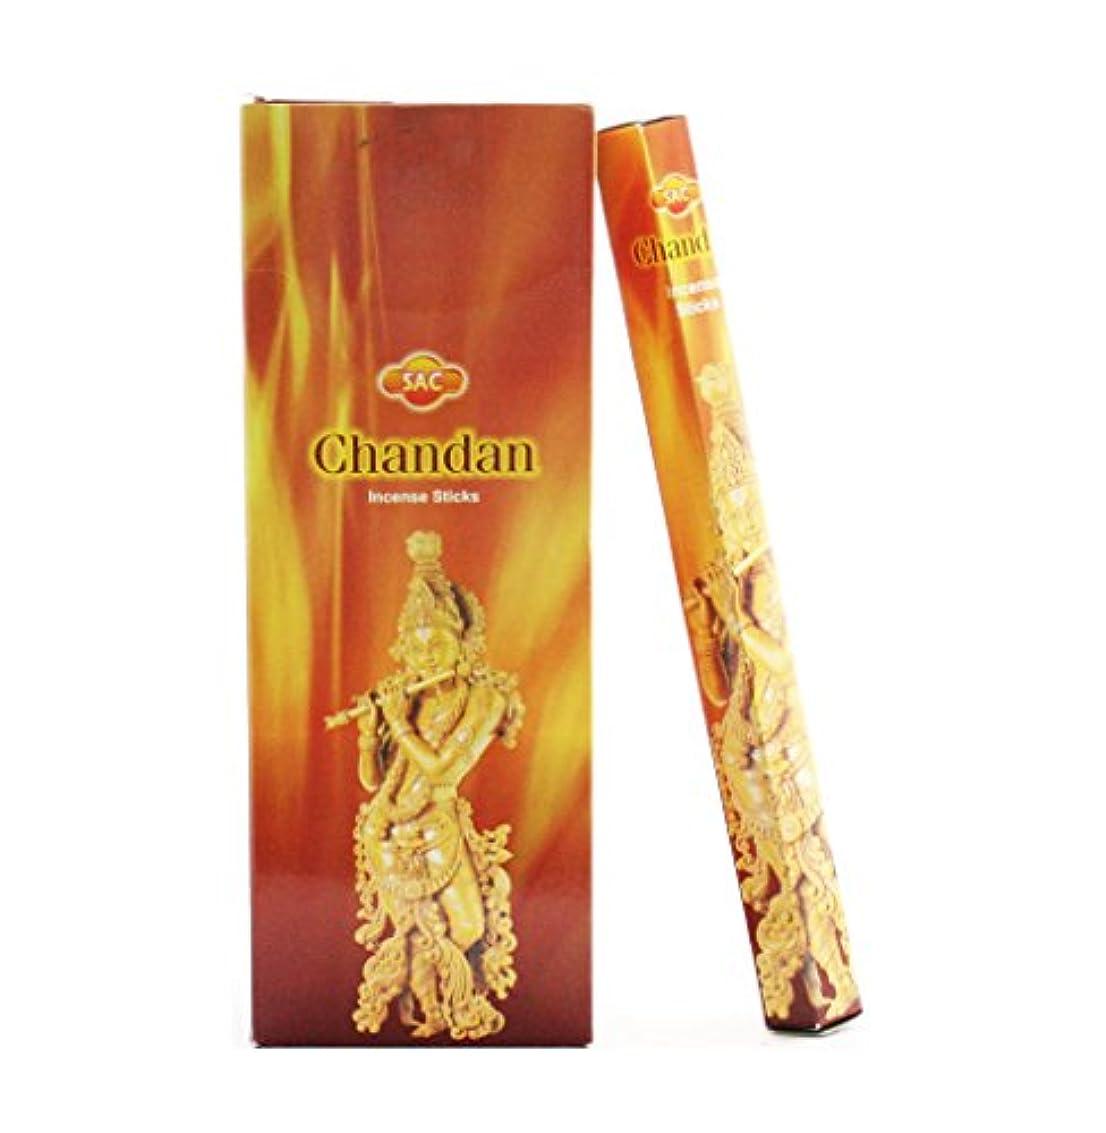 バスタブアラブ人独裁者JBJ Sac Chandan Incense、120-sticks